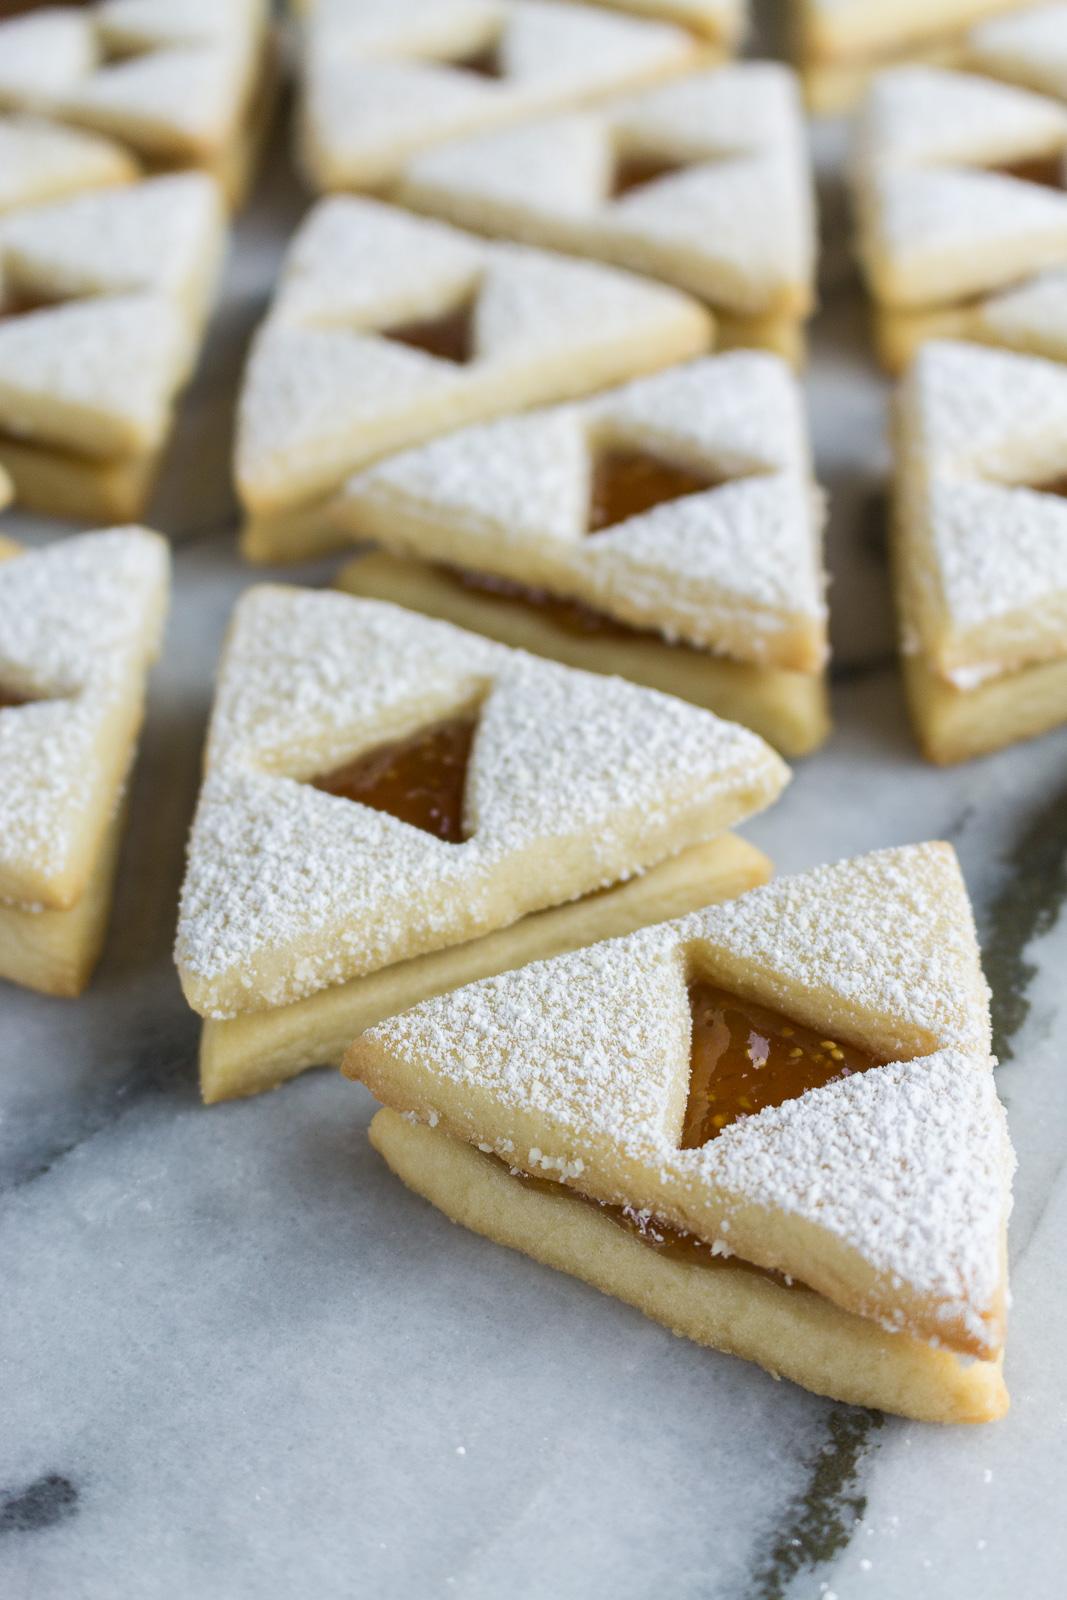 triforce-linzer-cookies-12.jpg